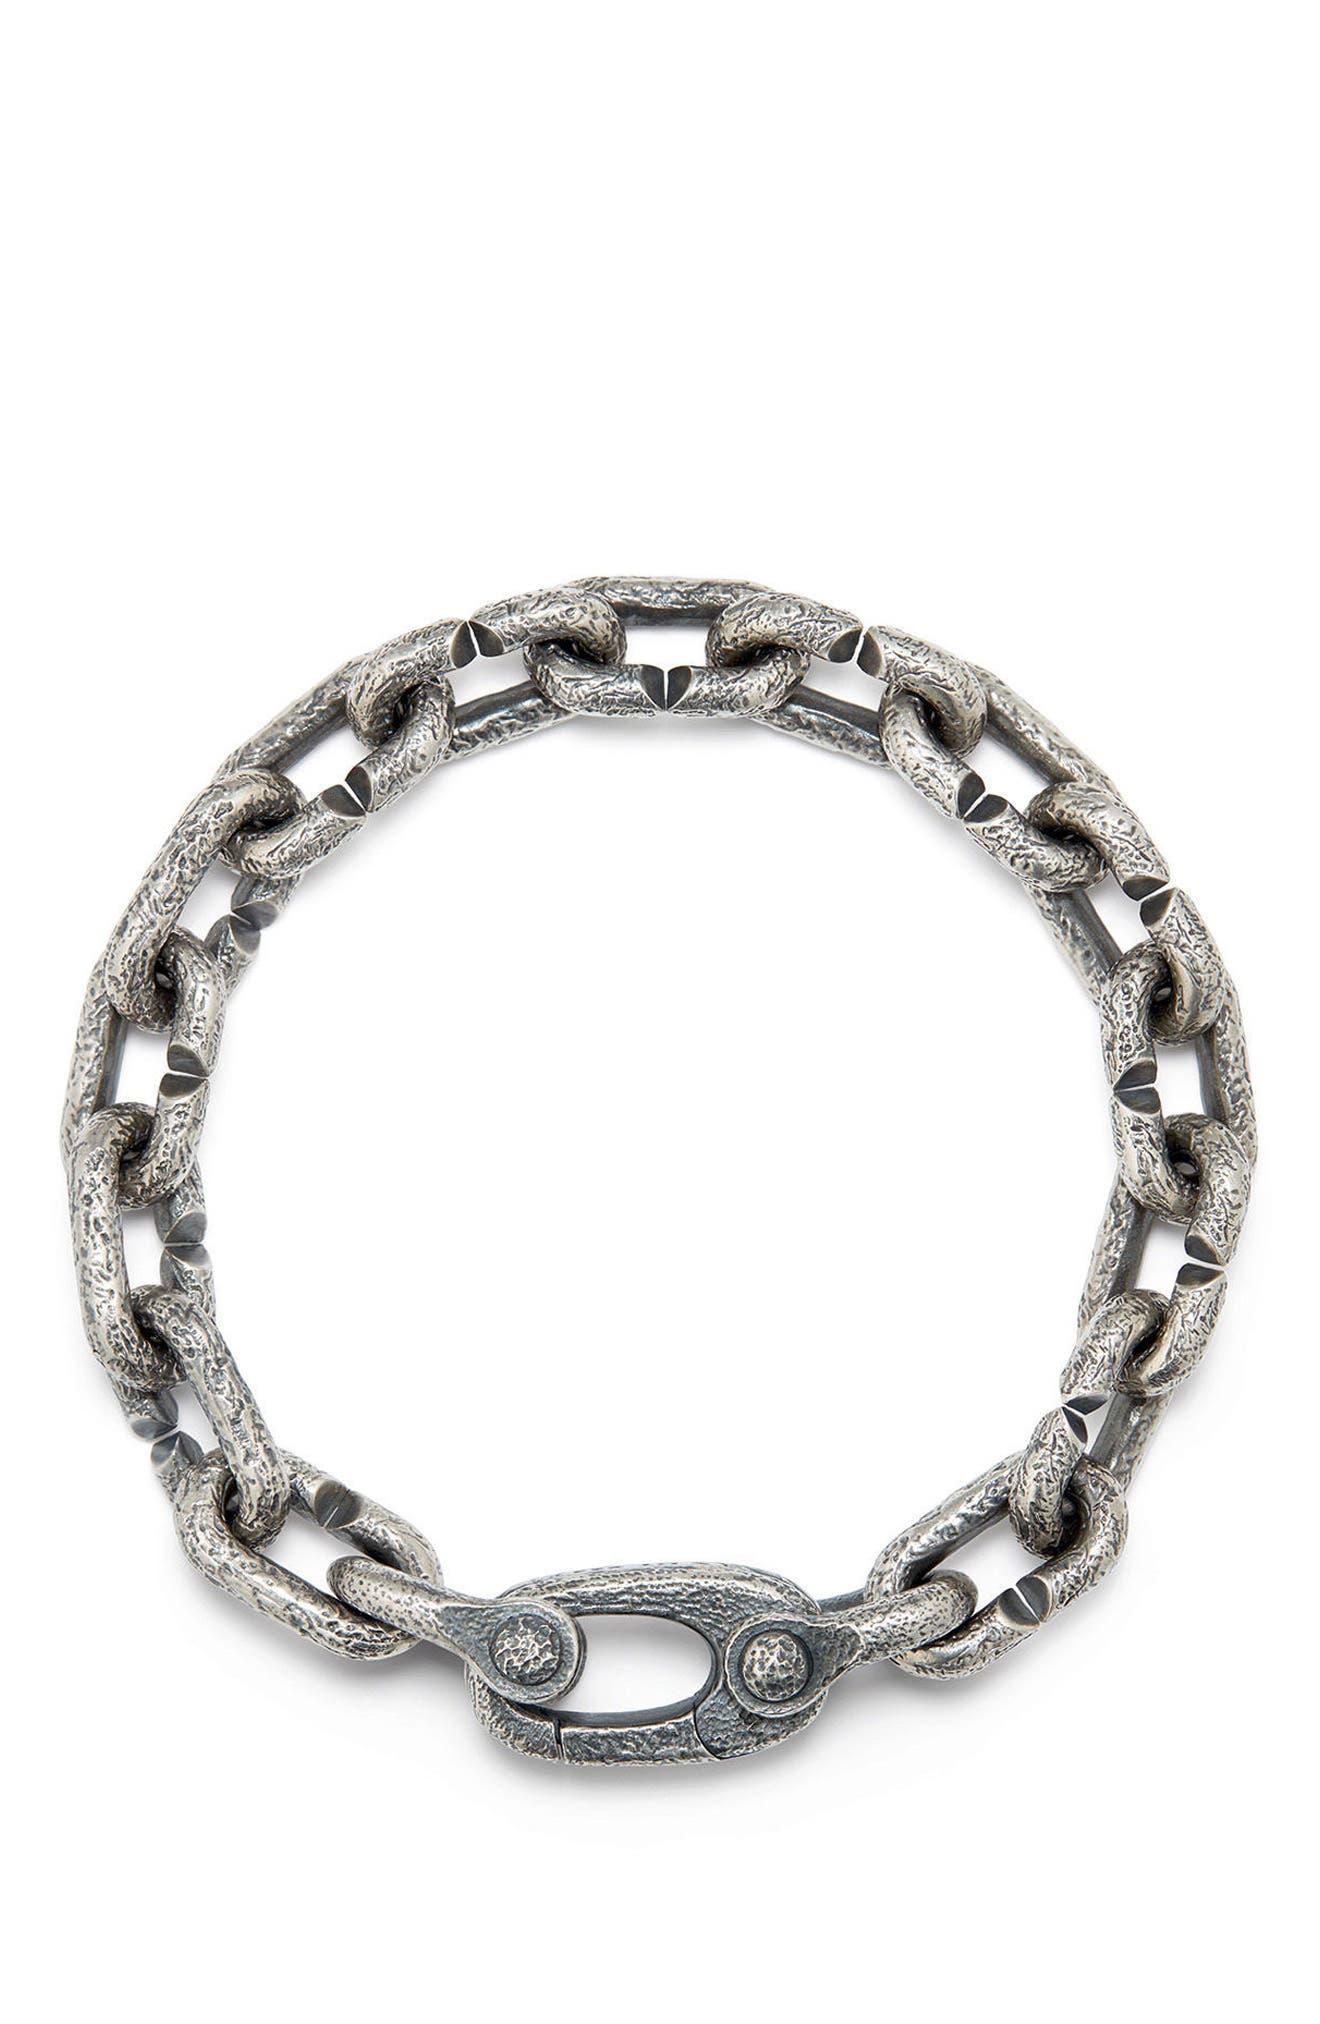 DAVID YURMAN, Shipwreck Chain Bracelet, Alternate thumbnail 2, color, SILVER